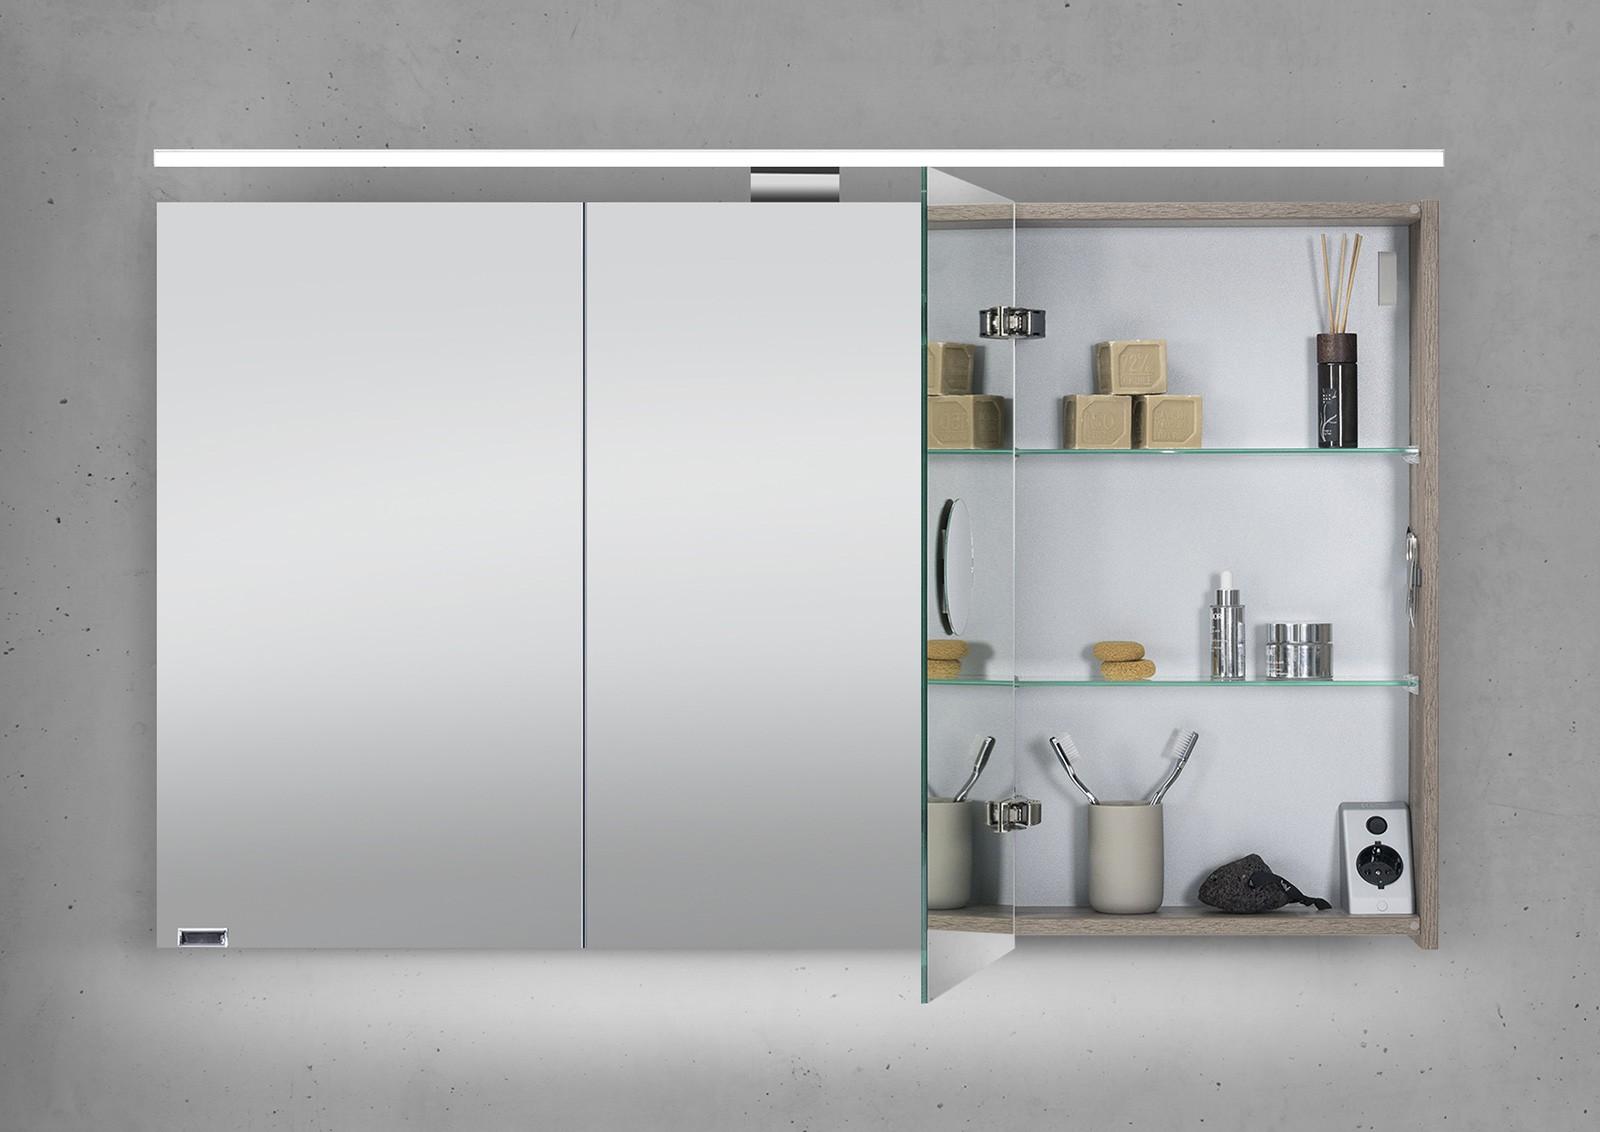 spiegelschrank bad 120 cm breit ebenbild das wirklich. Black Bedroom Furniture Sets. Home Design Ideas